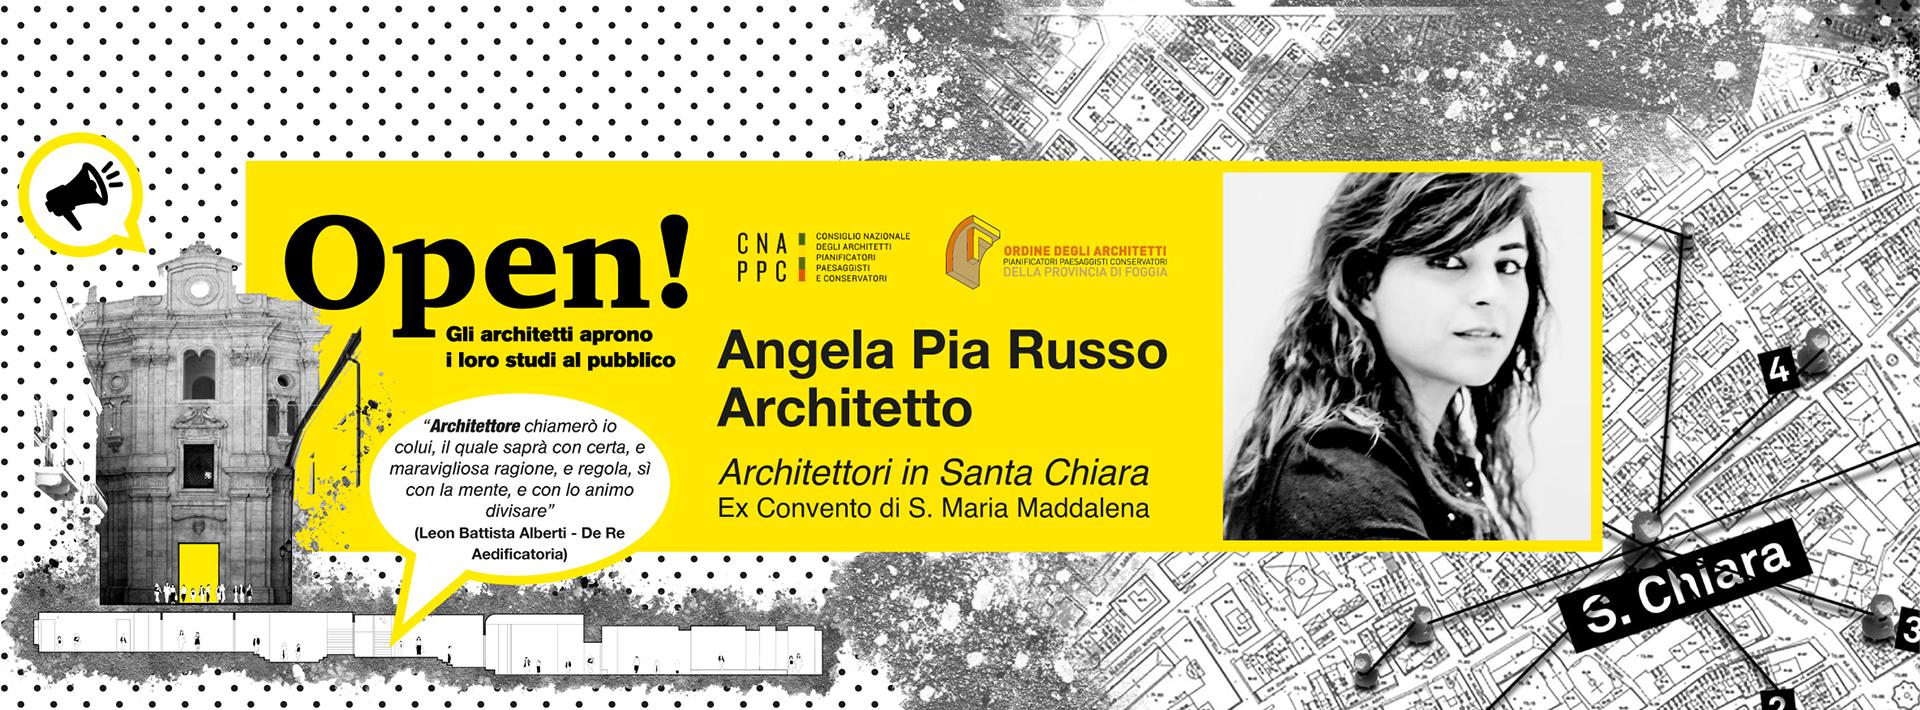 Descrizione evento e foto architetto